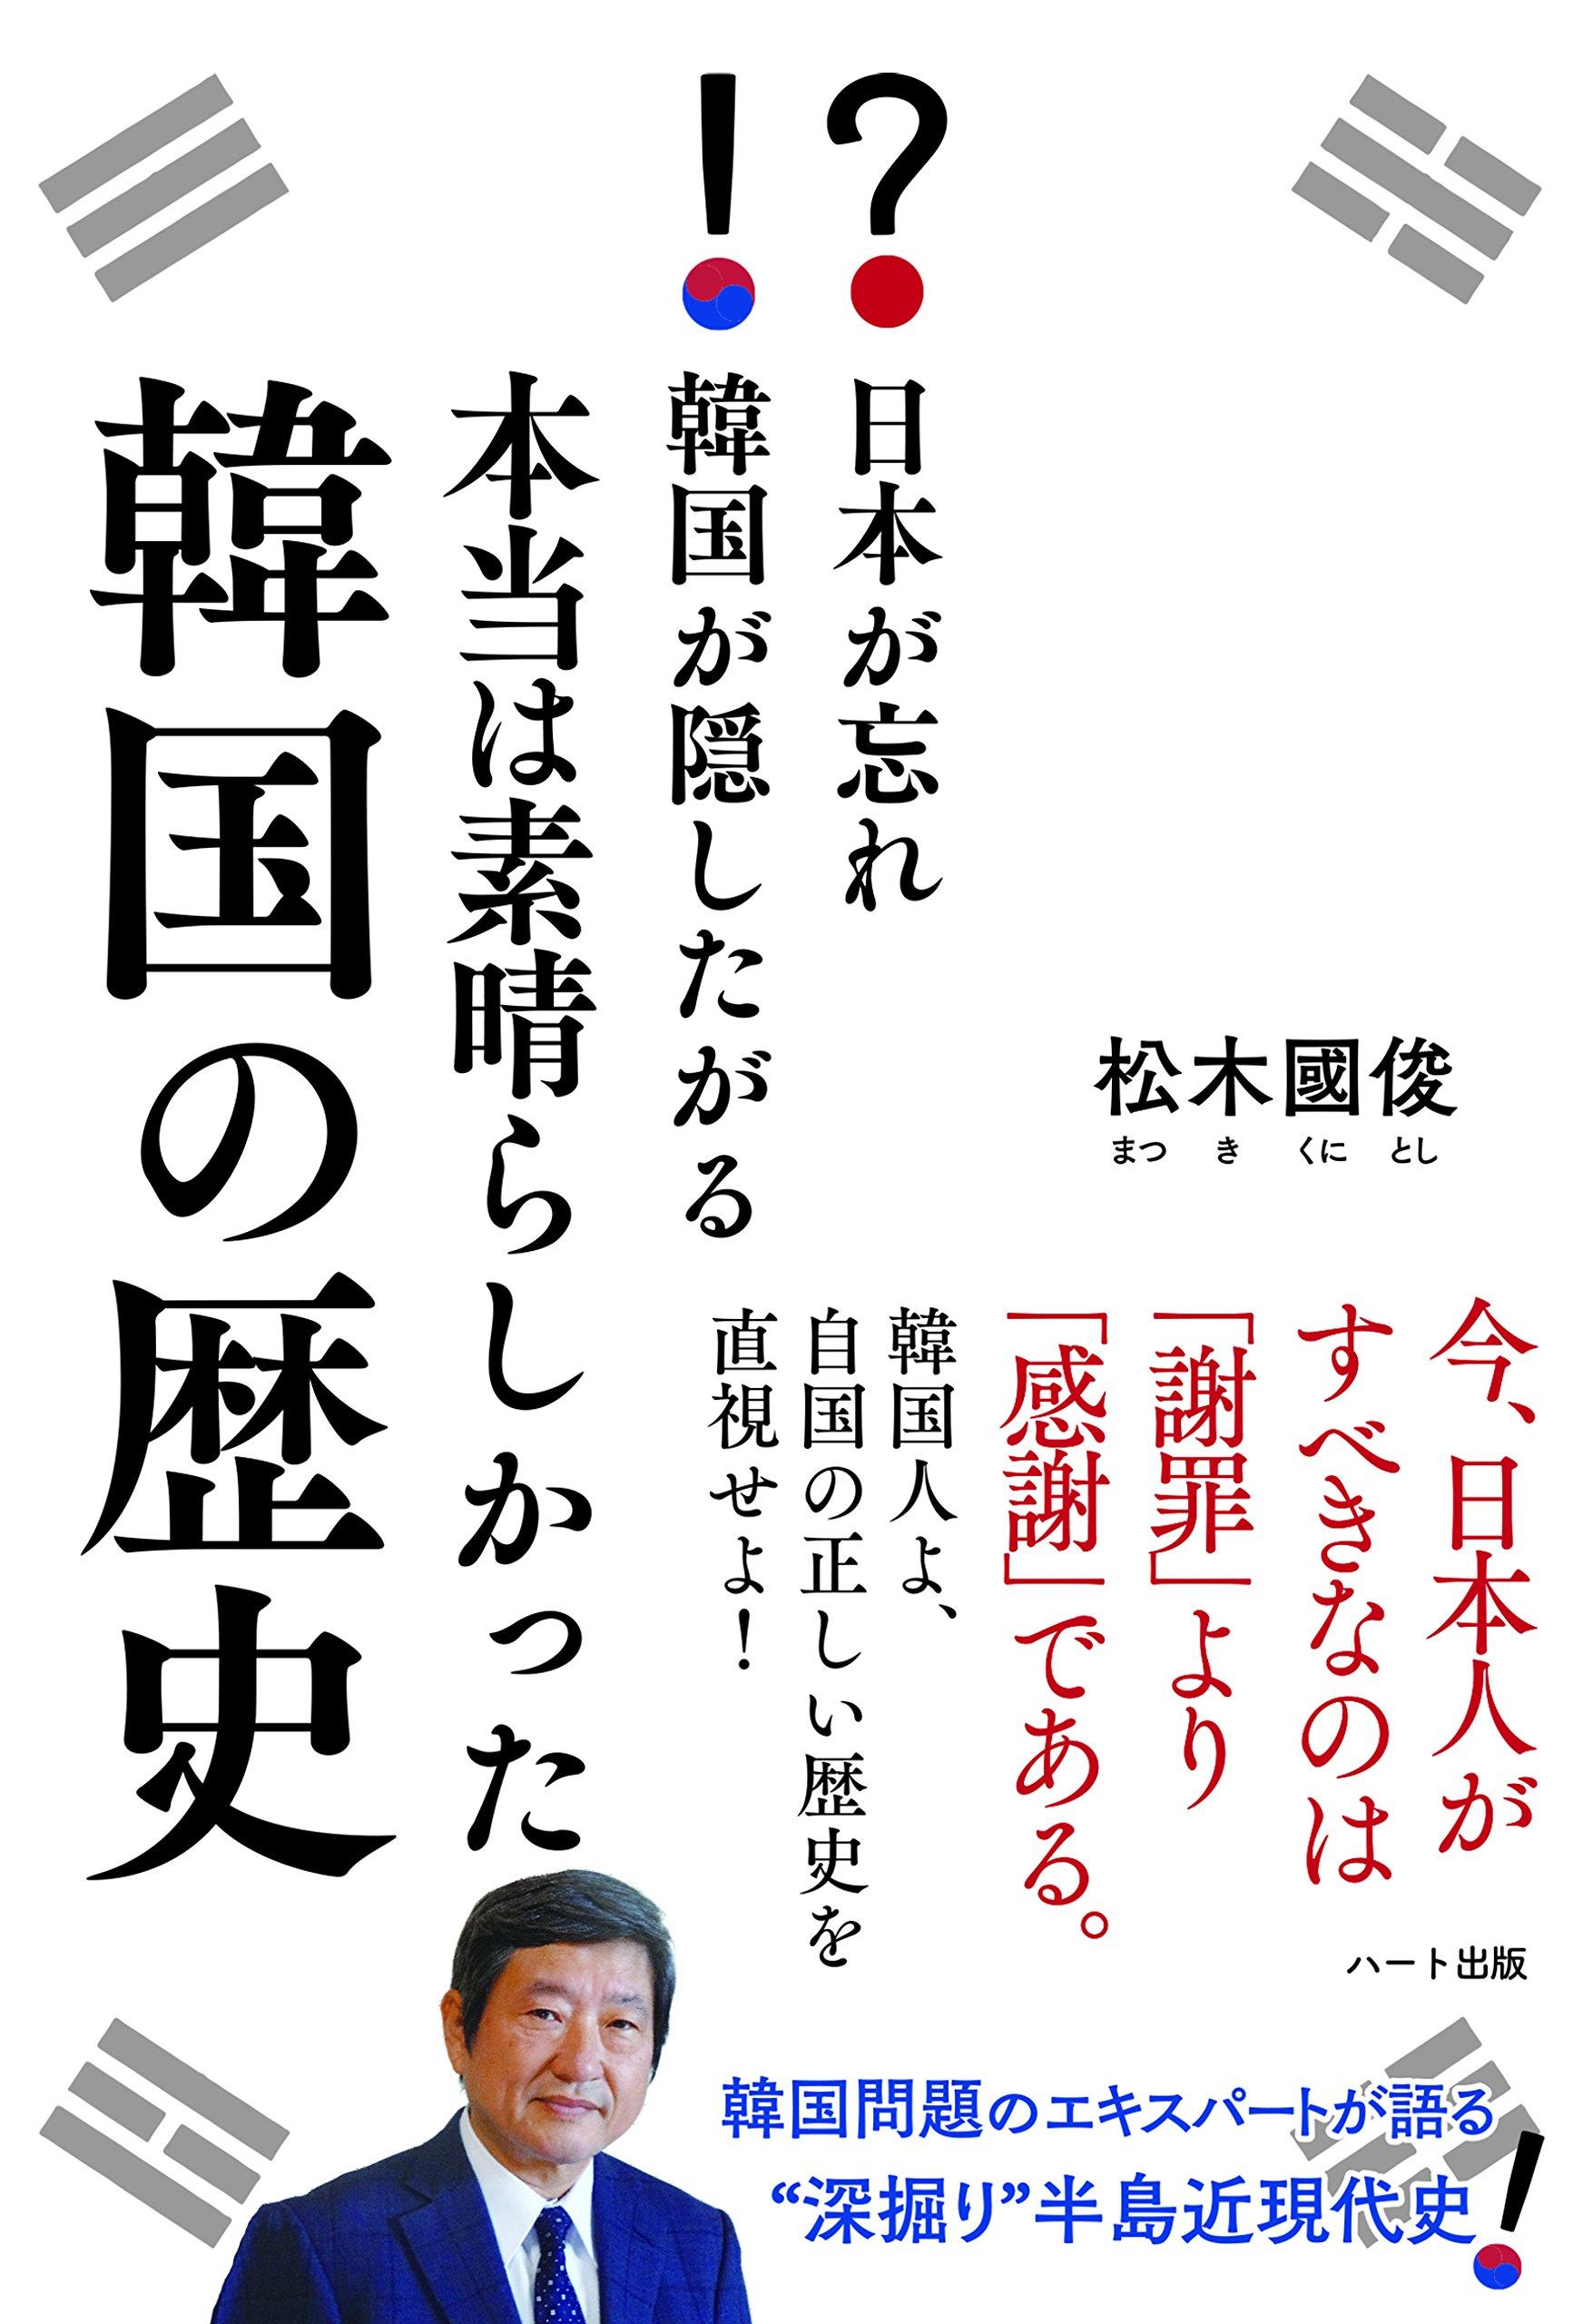 日本が忘れ韓国が隠したがる 本当は素晴らしかった韓国の歴史   松木 ...